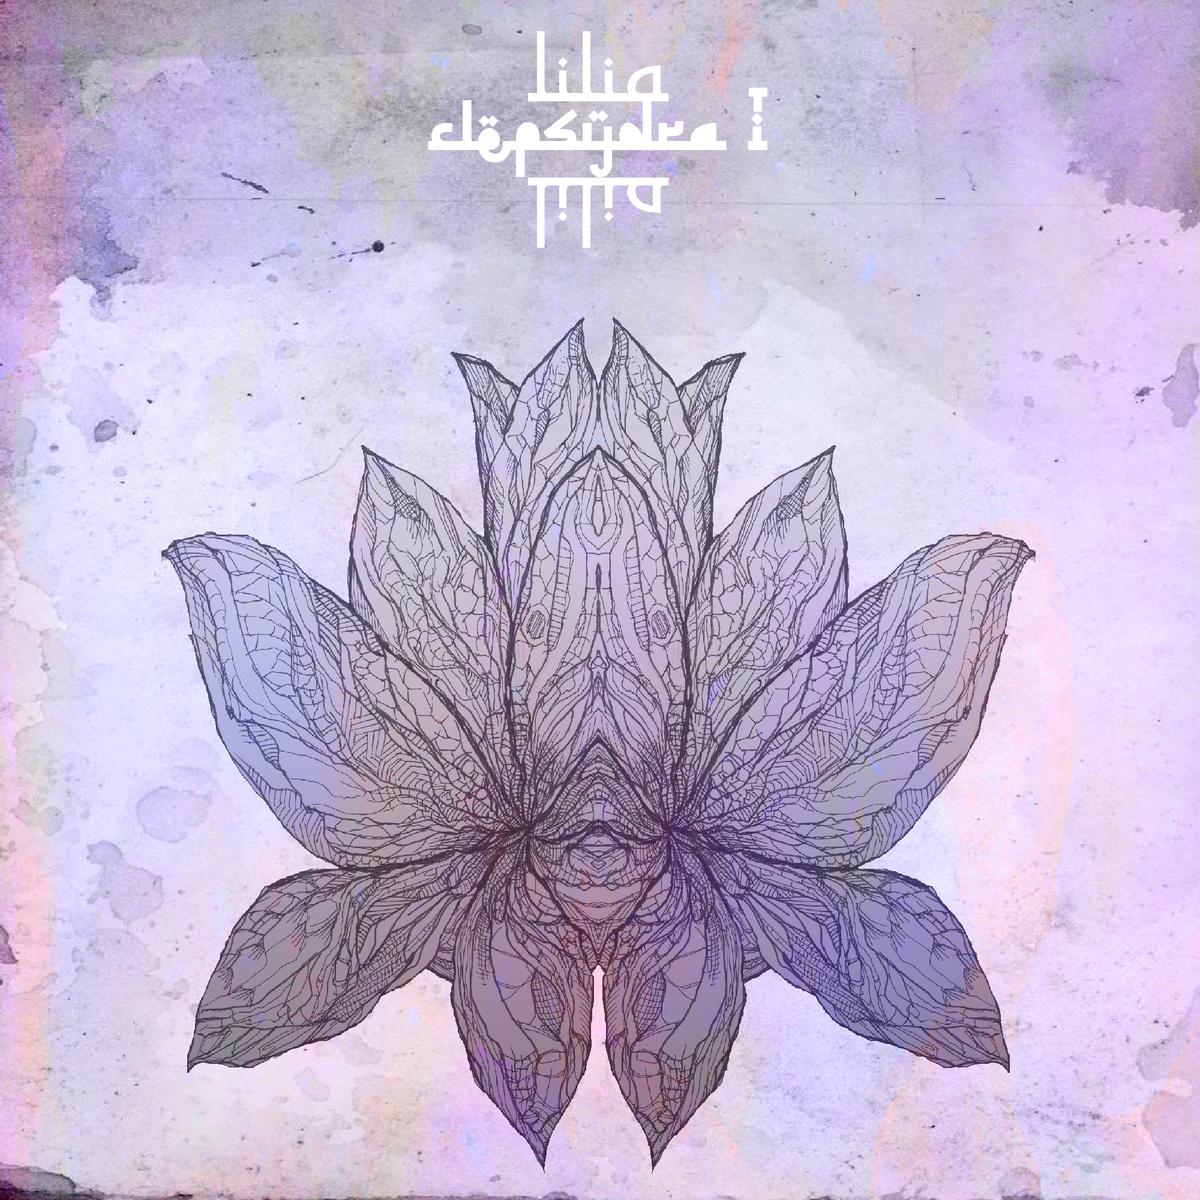 cover lilia